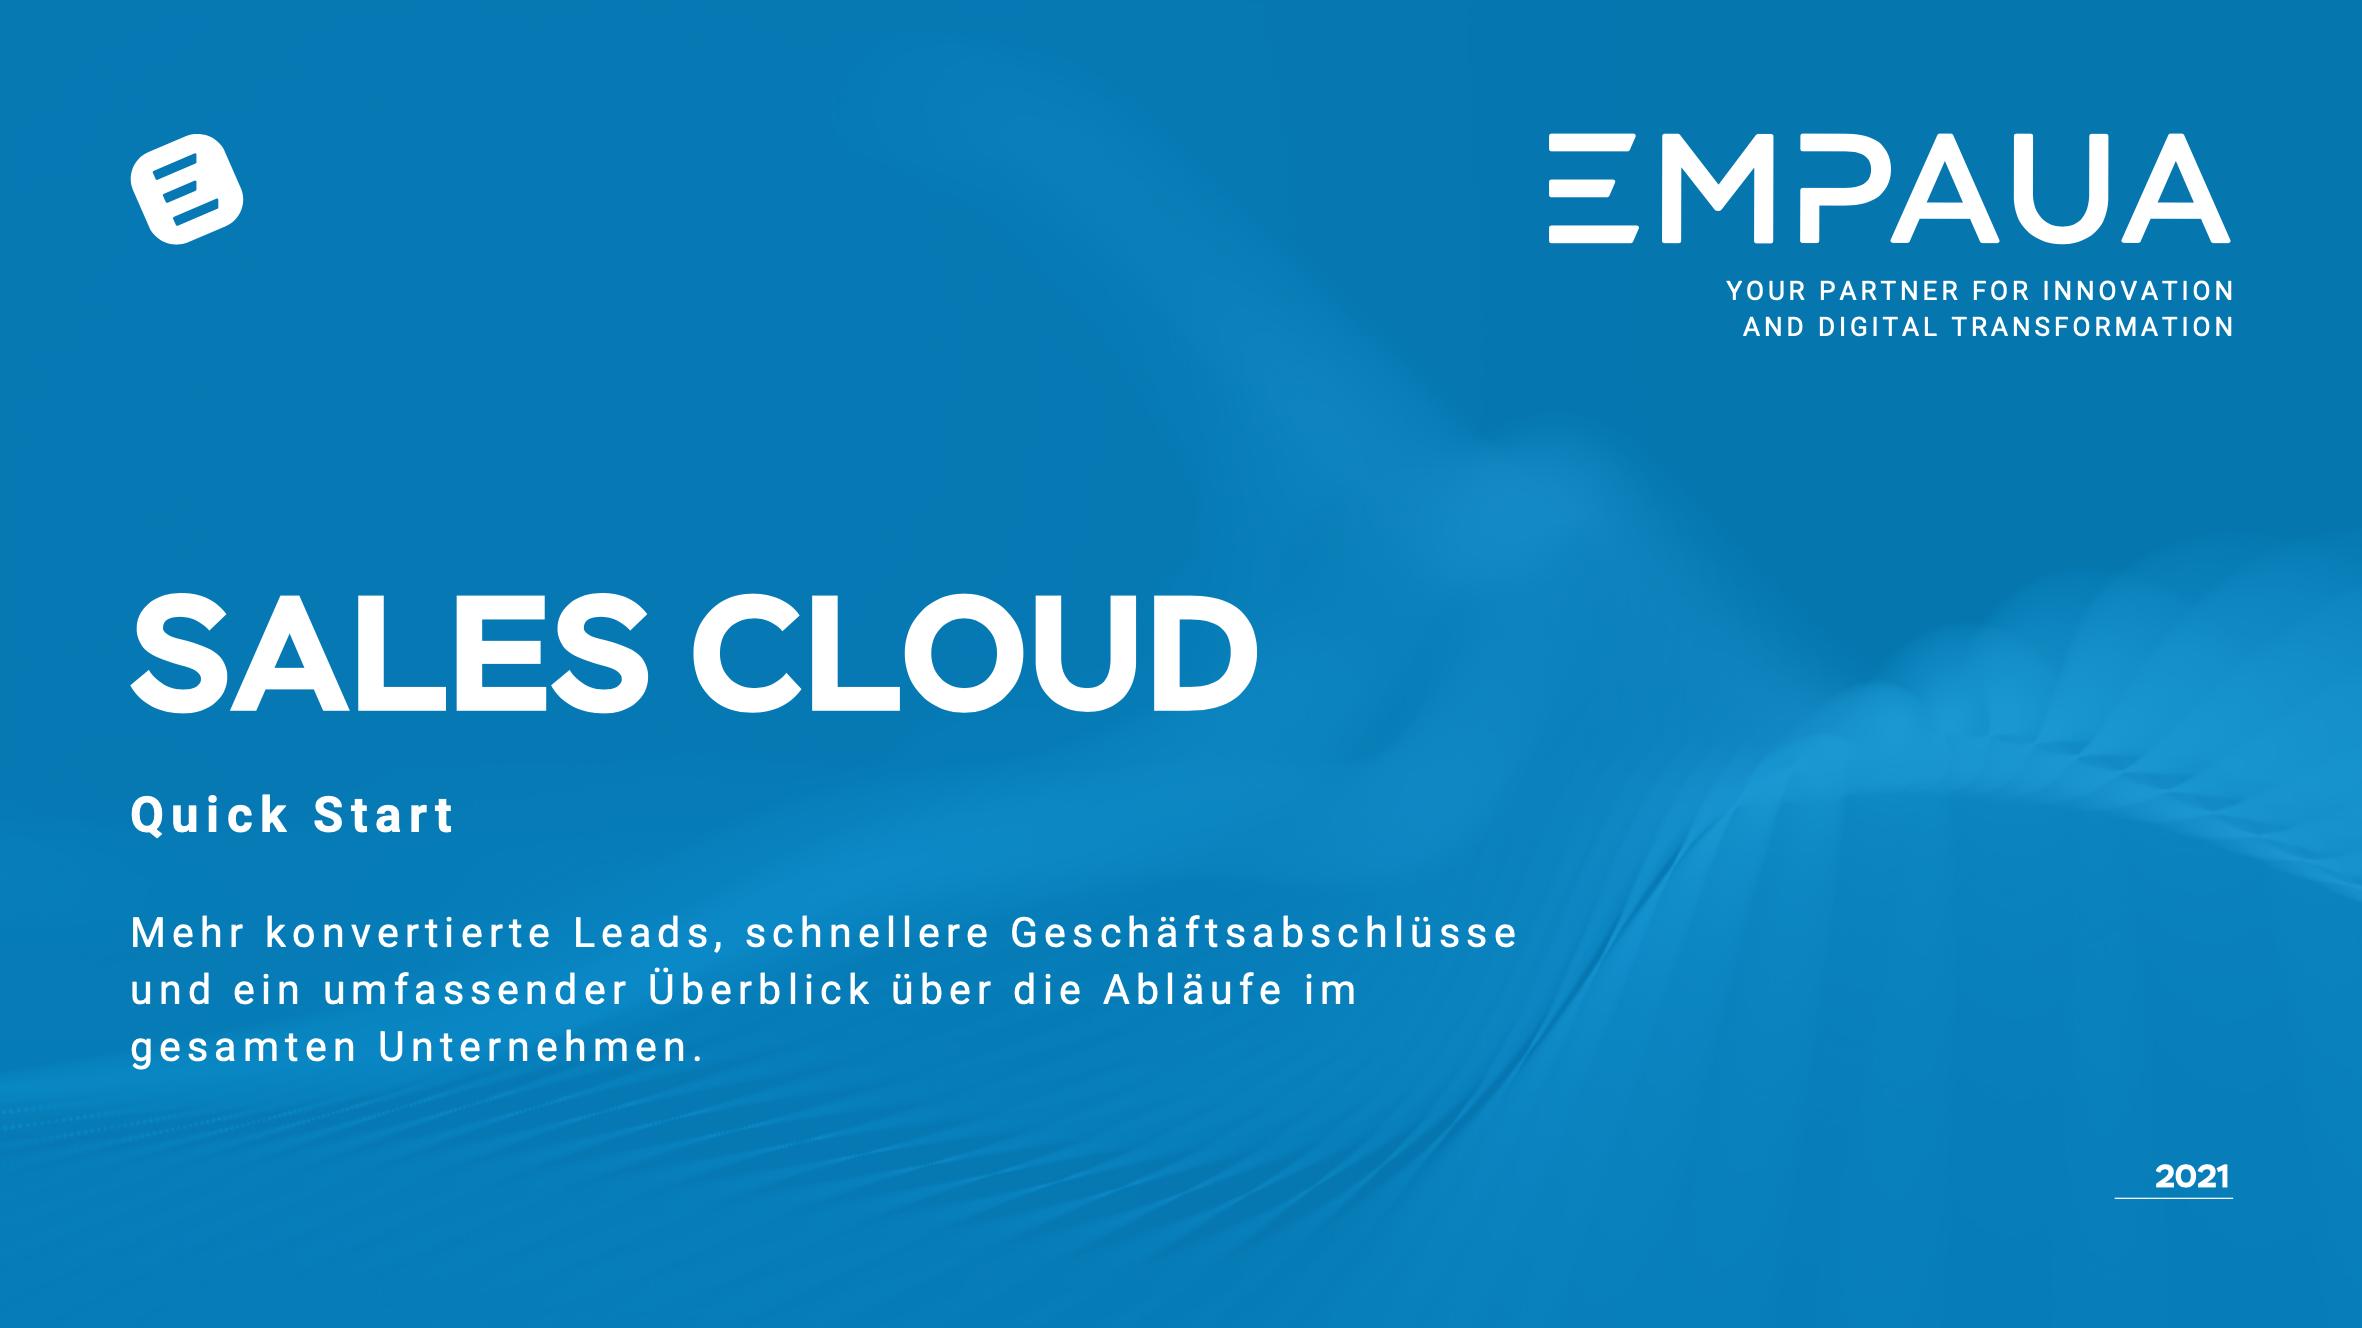 EMPAUA Salesforce-Lösungen und -Implementierung